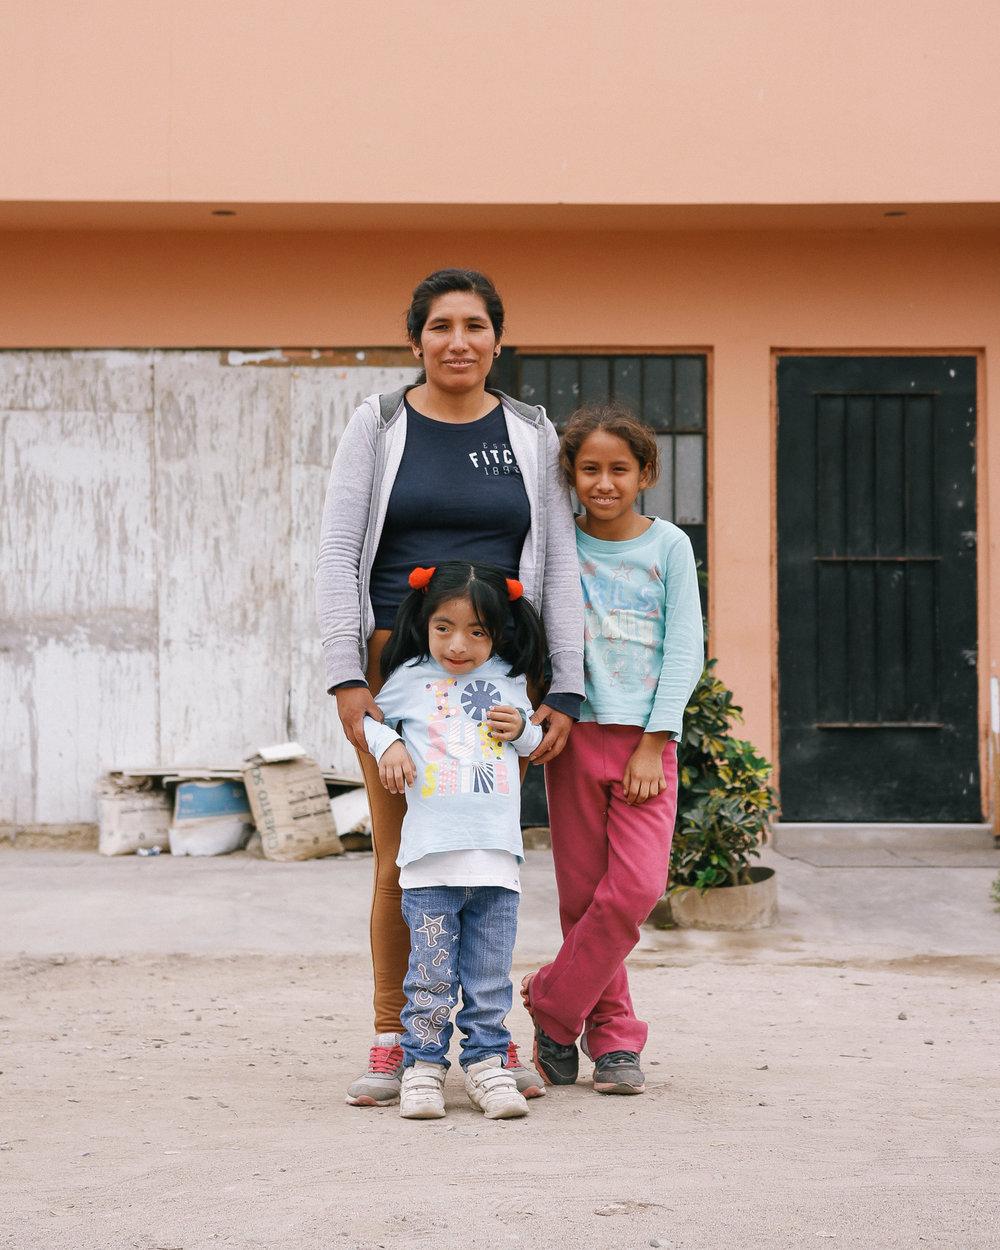 Ana_Gutierrez_2.jpg